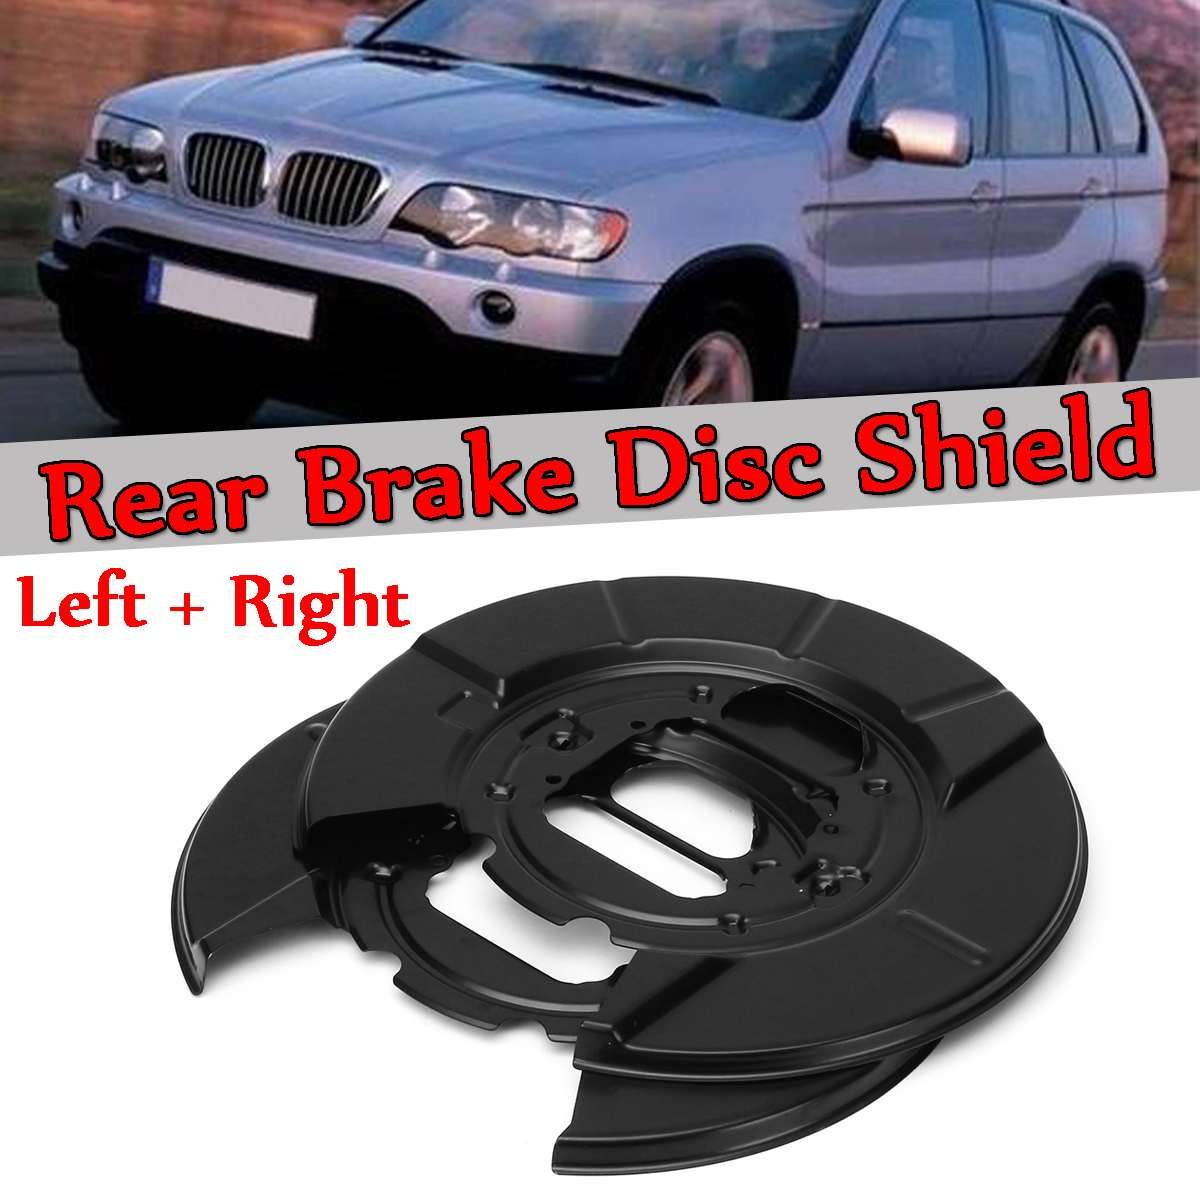 Une Paire Nouveau Arrière disque de frein Bouclier Shell Pour BMW X5 E53 2000-2006 Noir etrier de frein et Frein Esclave A1080